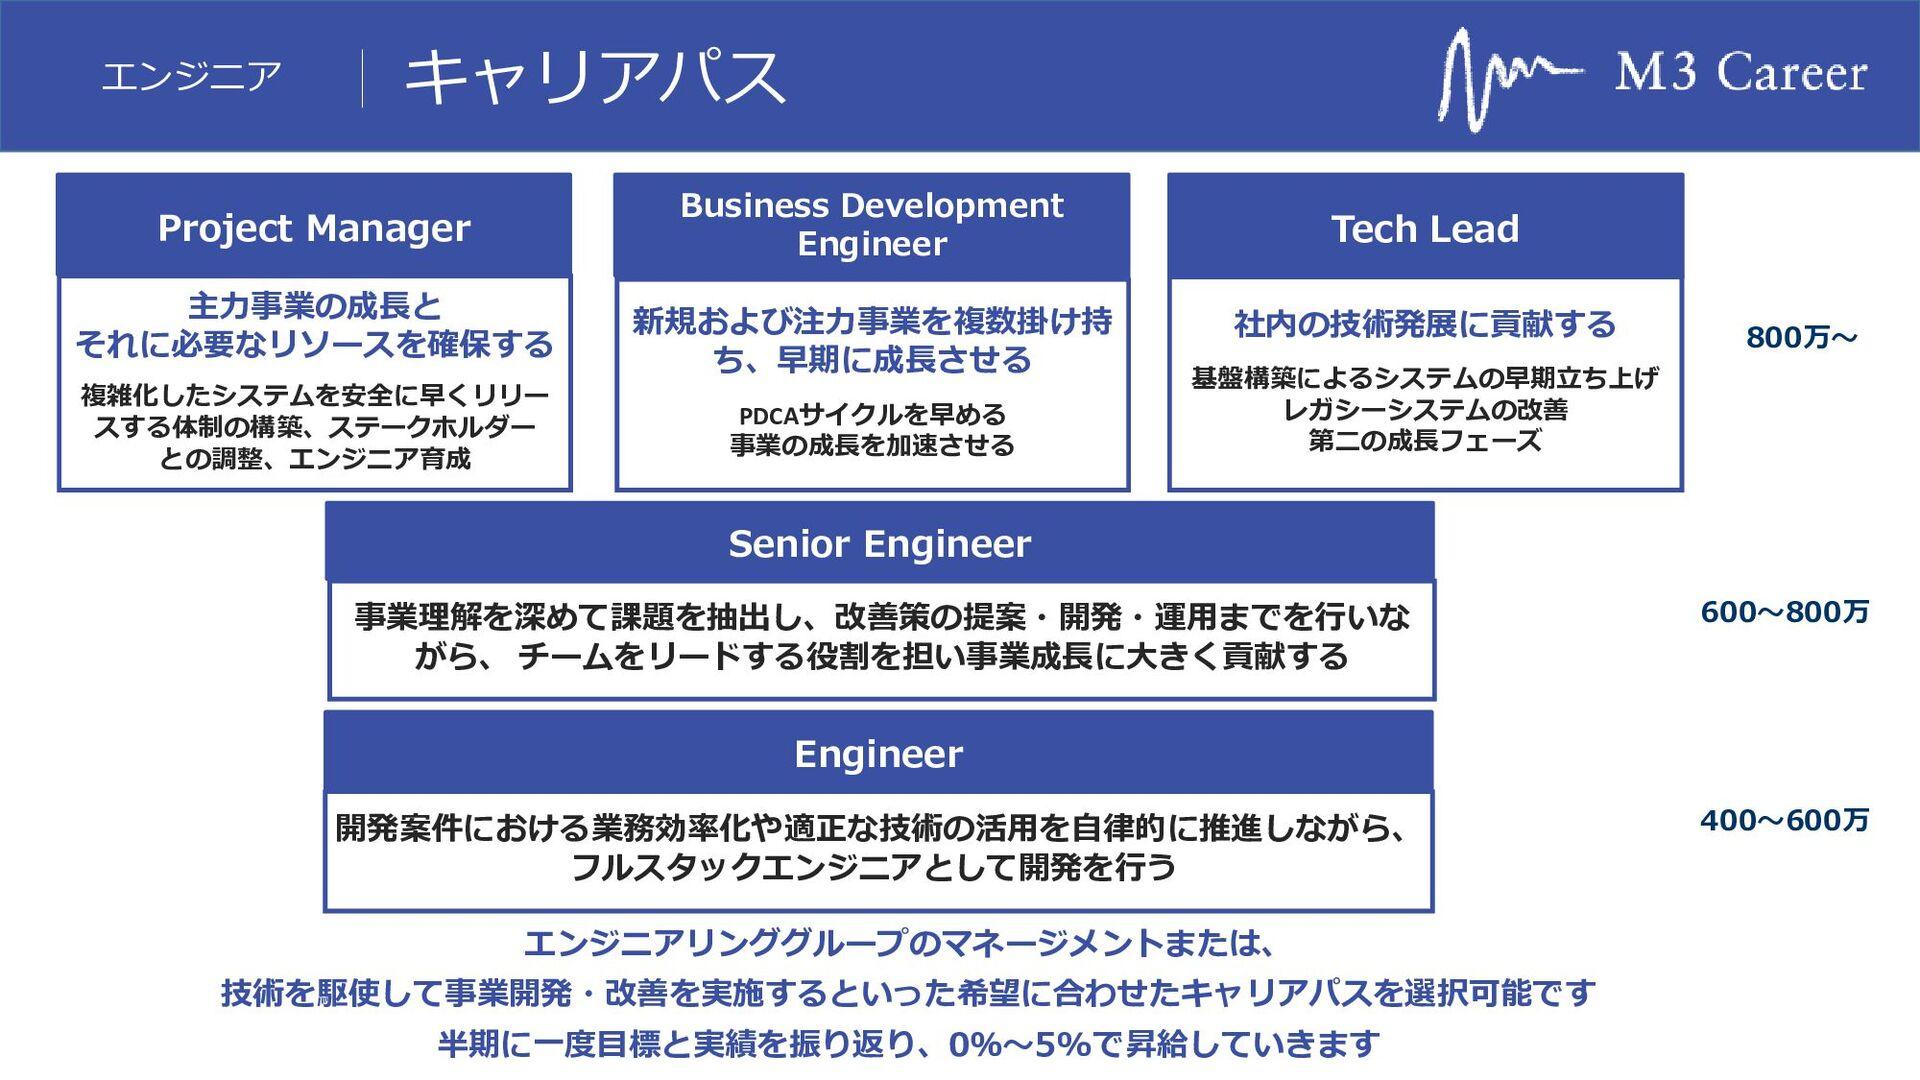 エンジニア 組織の歴史 FY13 開発はM3に委託。 データをSalesforceに 蓄積する...